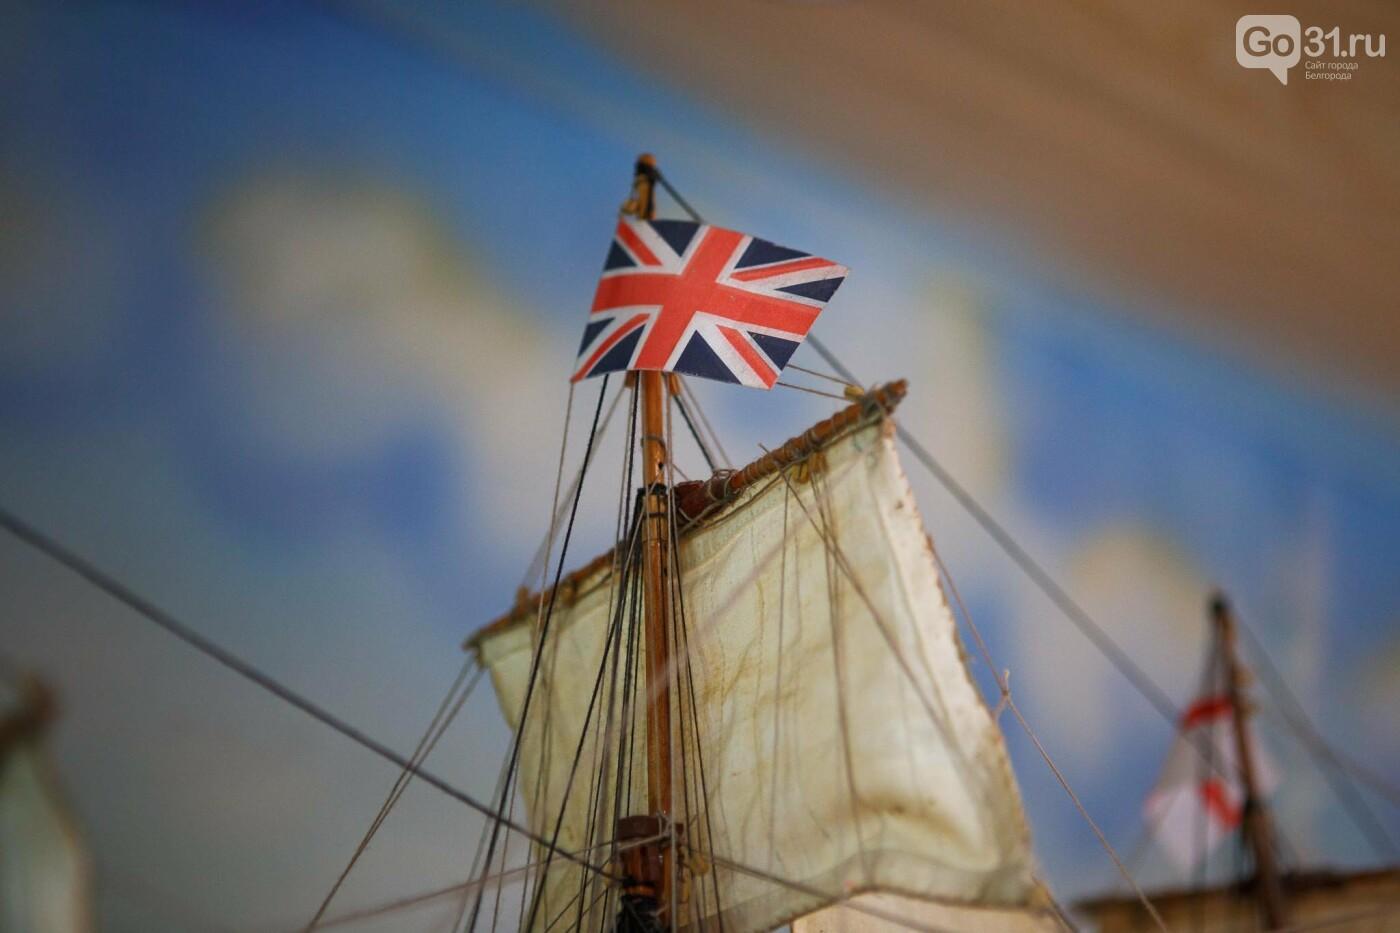 Корабль из гаража. Как создавался пиратский галеон в Купино, фото-5, Фото: Антон Вергун